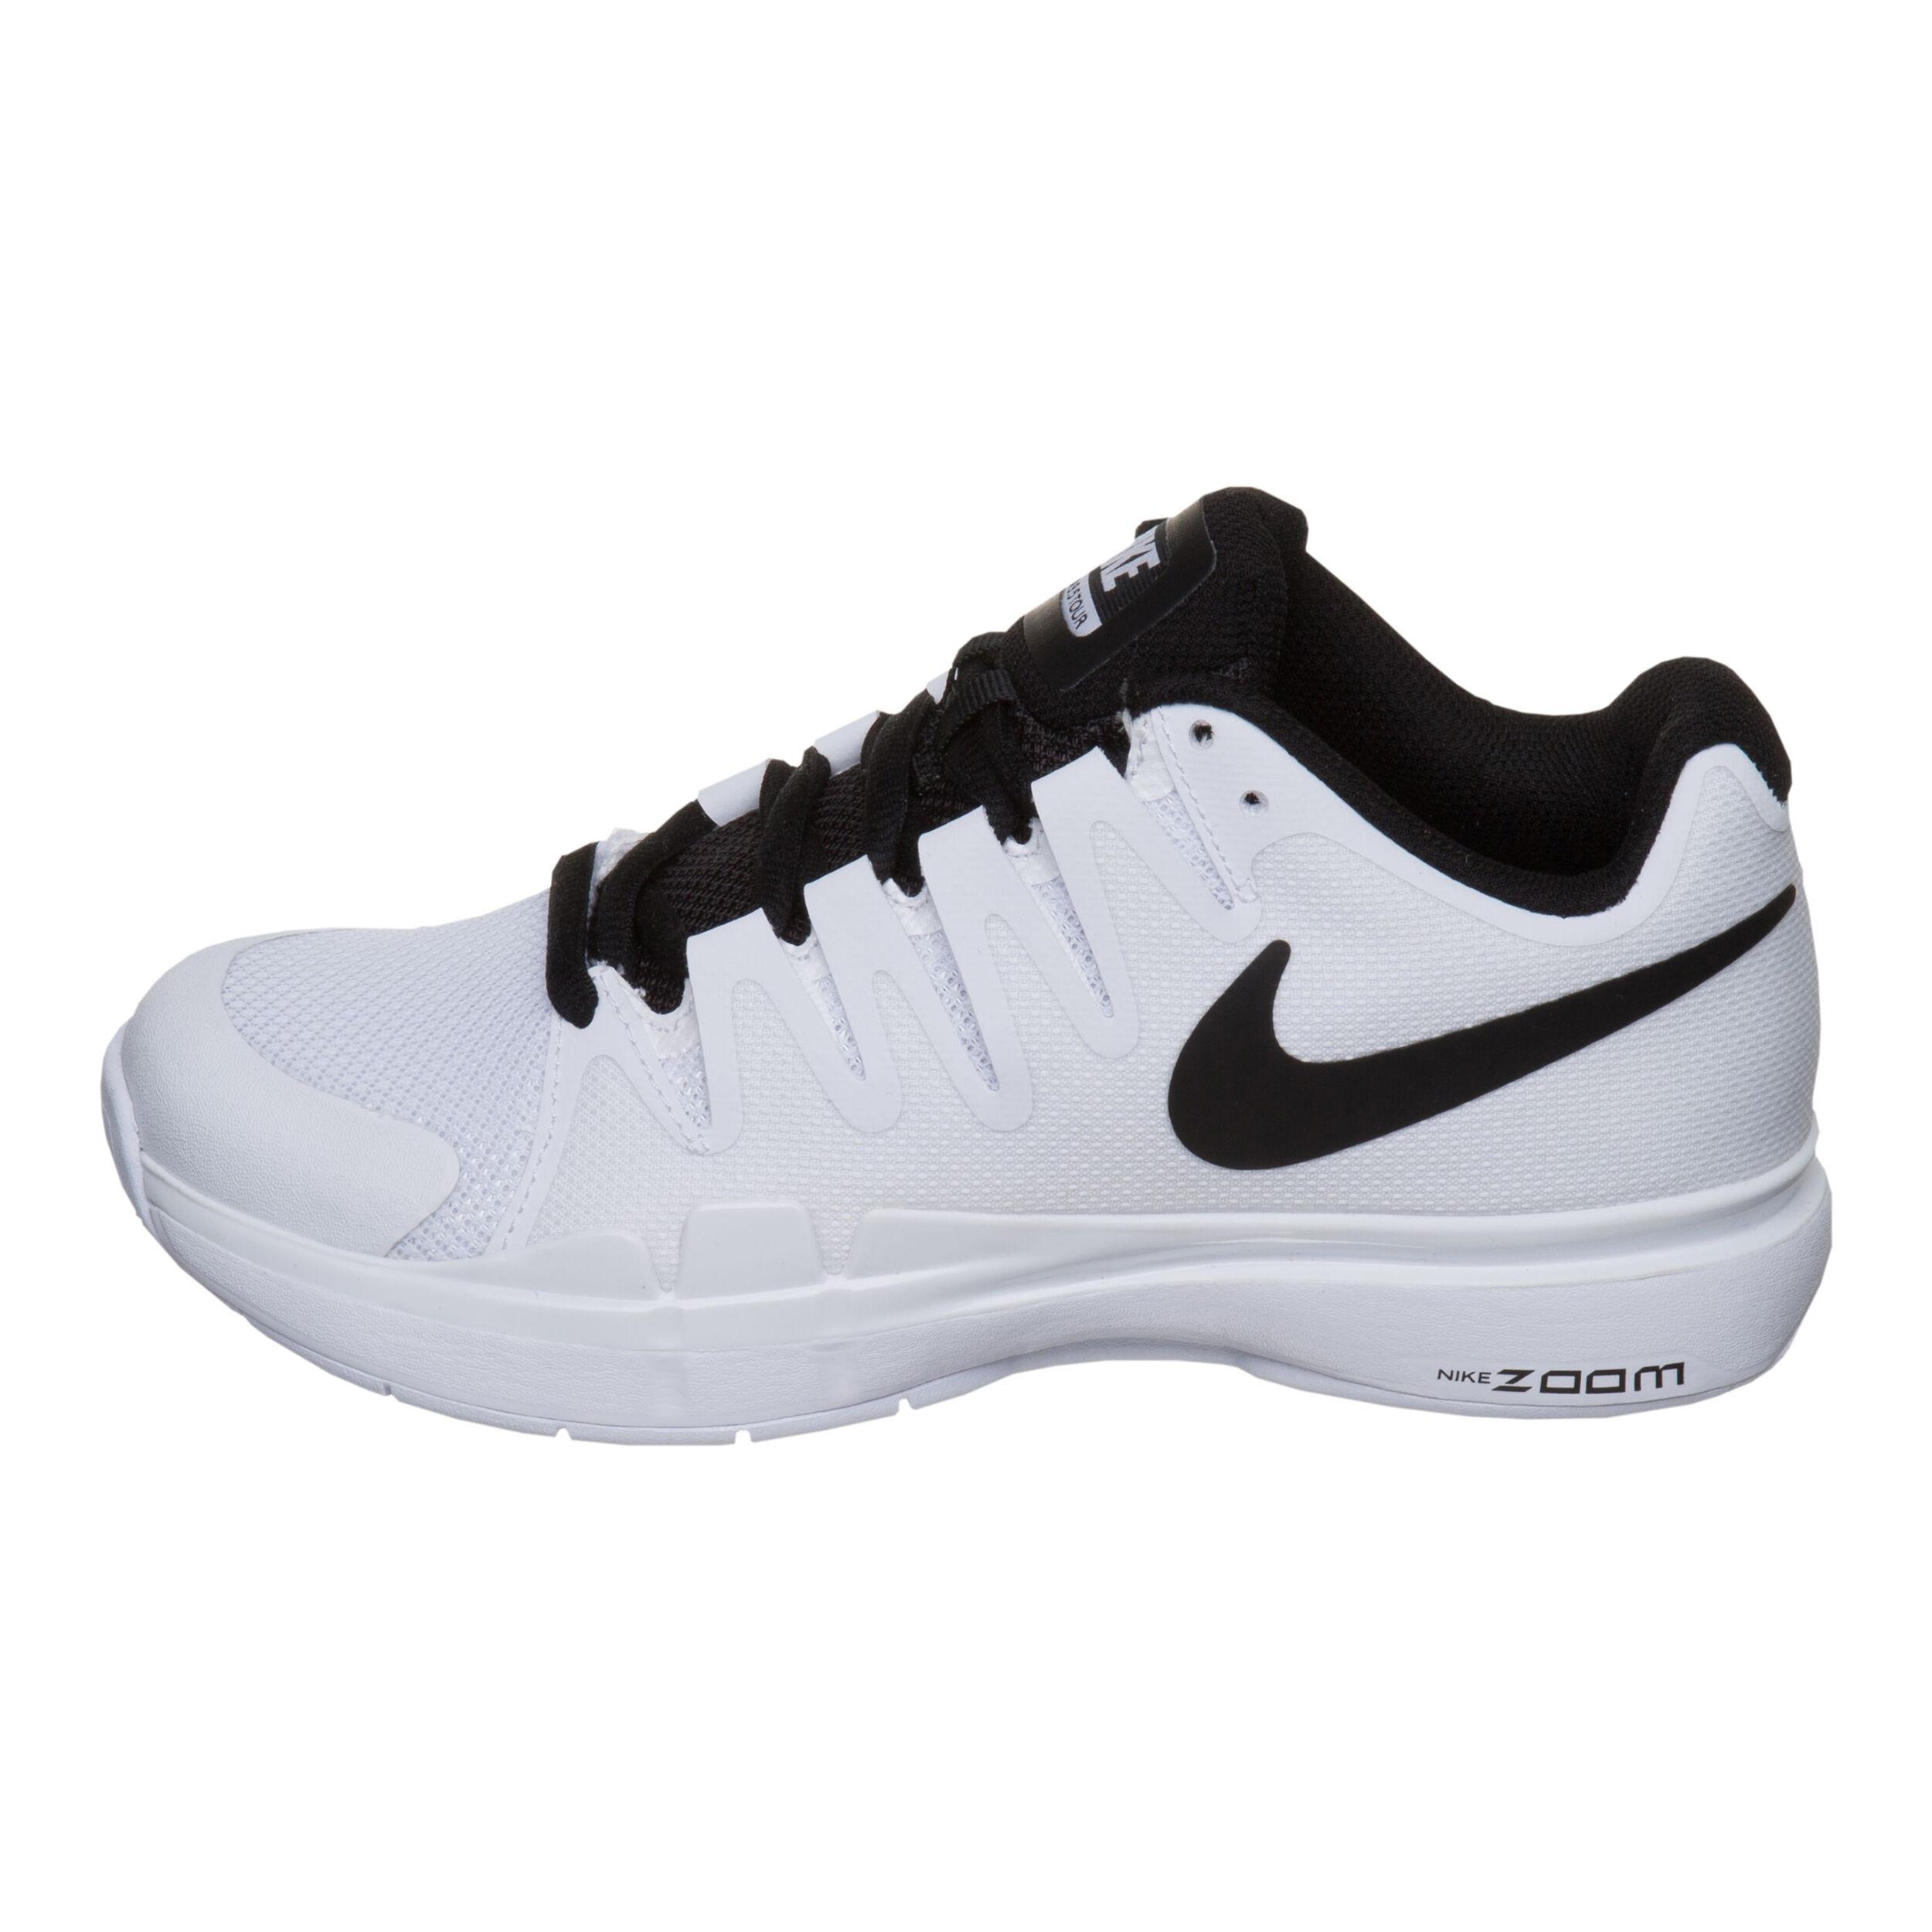 Nike Zoom Vapor 9.5 Tour Carpet Tæppesko Børn Hvid, Sort